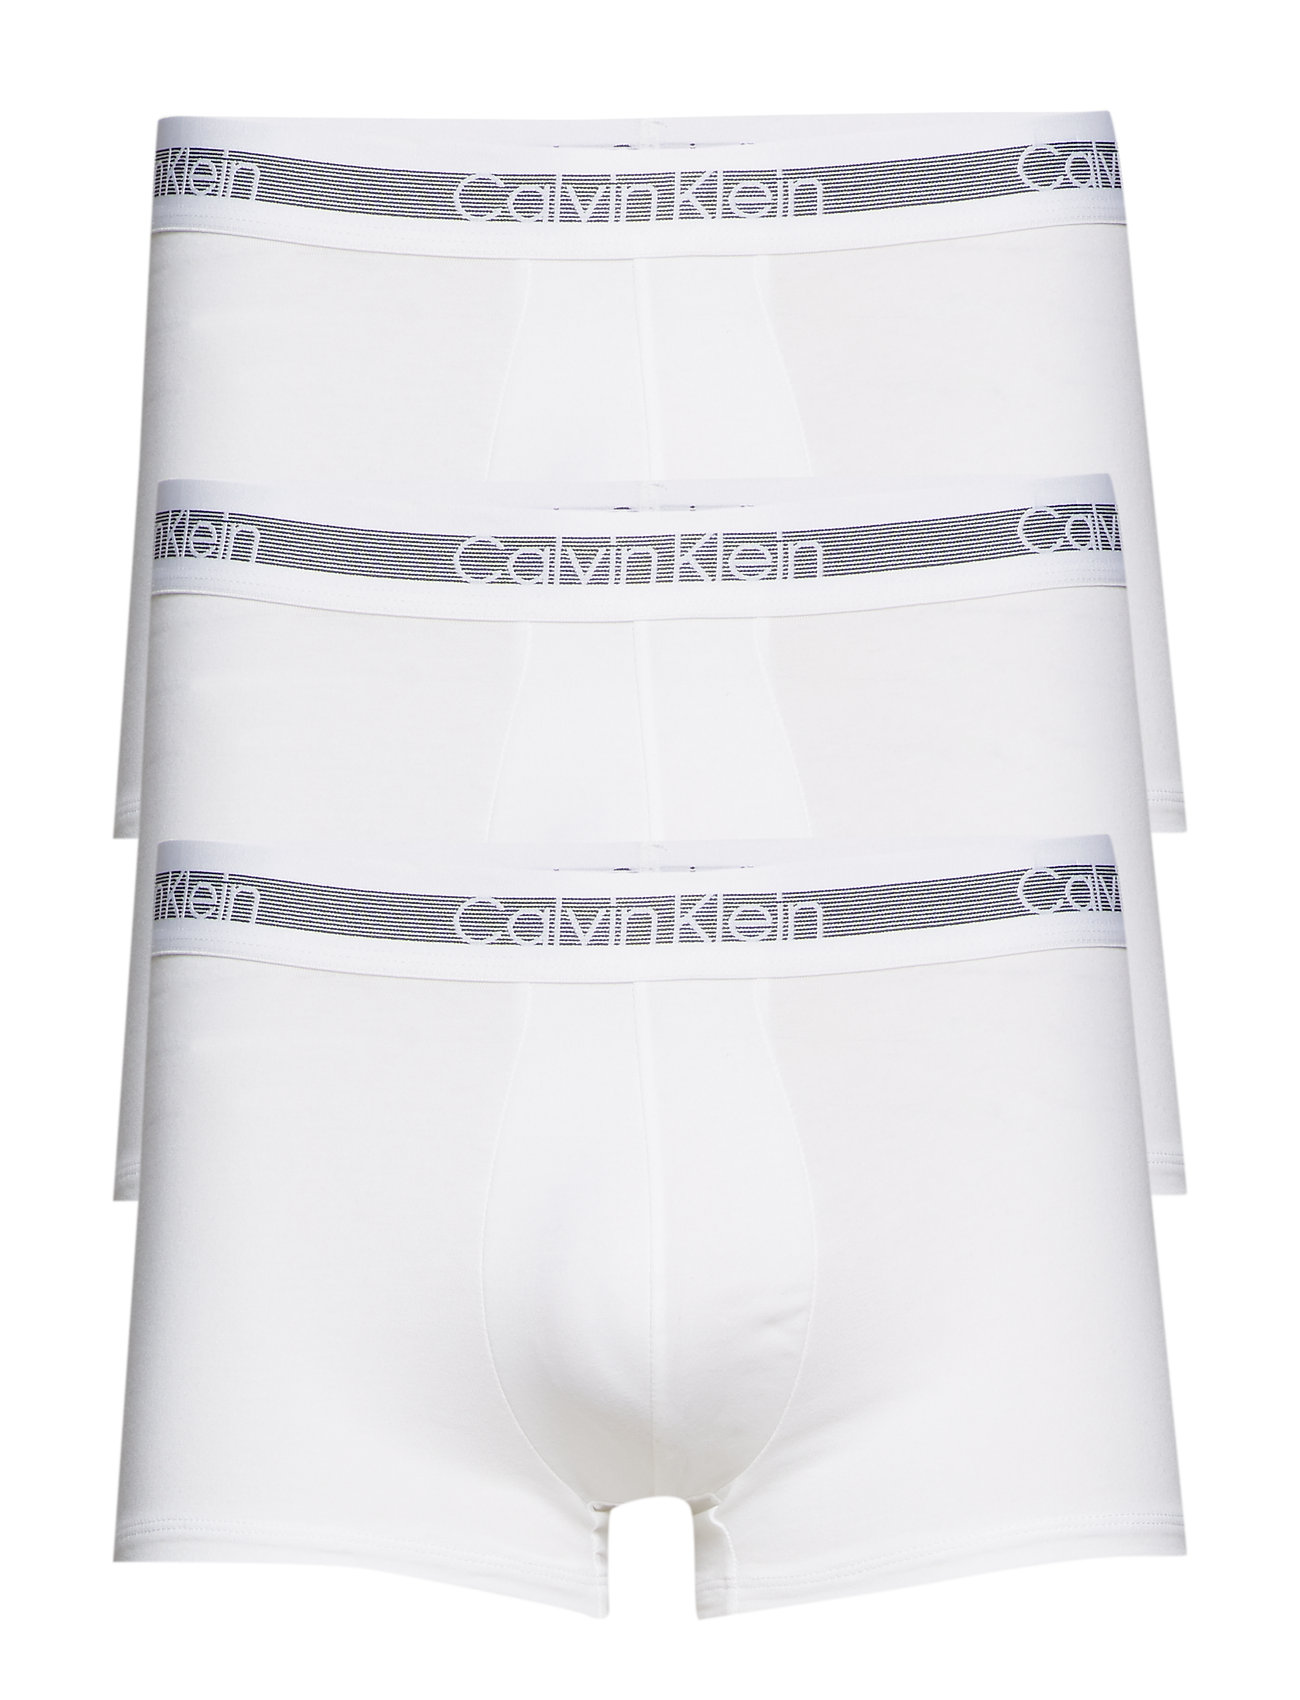 Calvin Klein TRUNK 3PK - WHITE